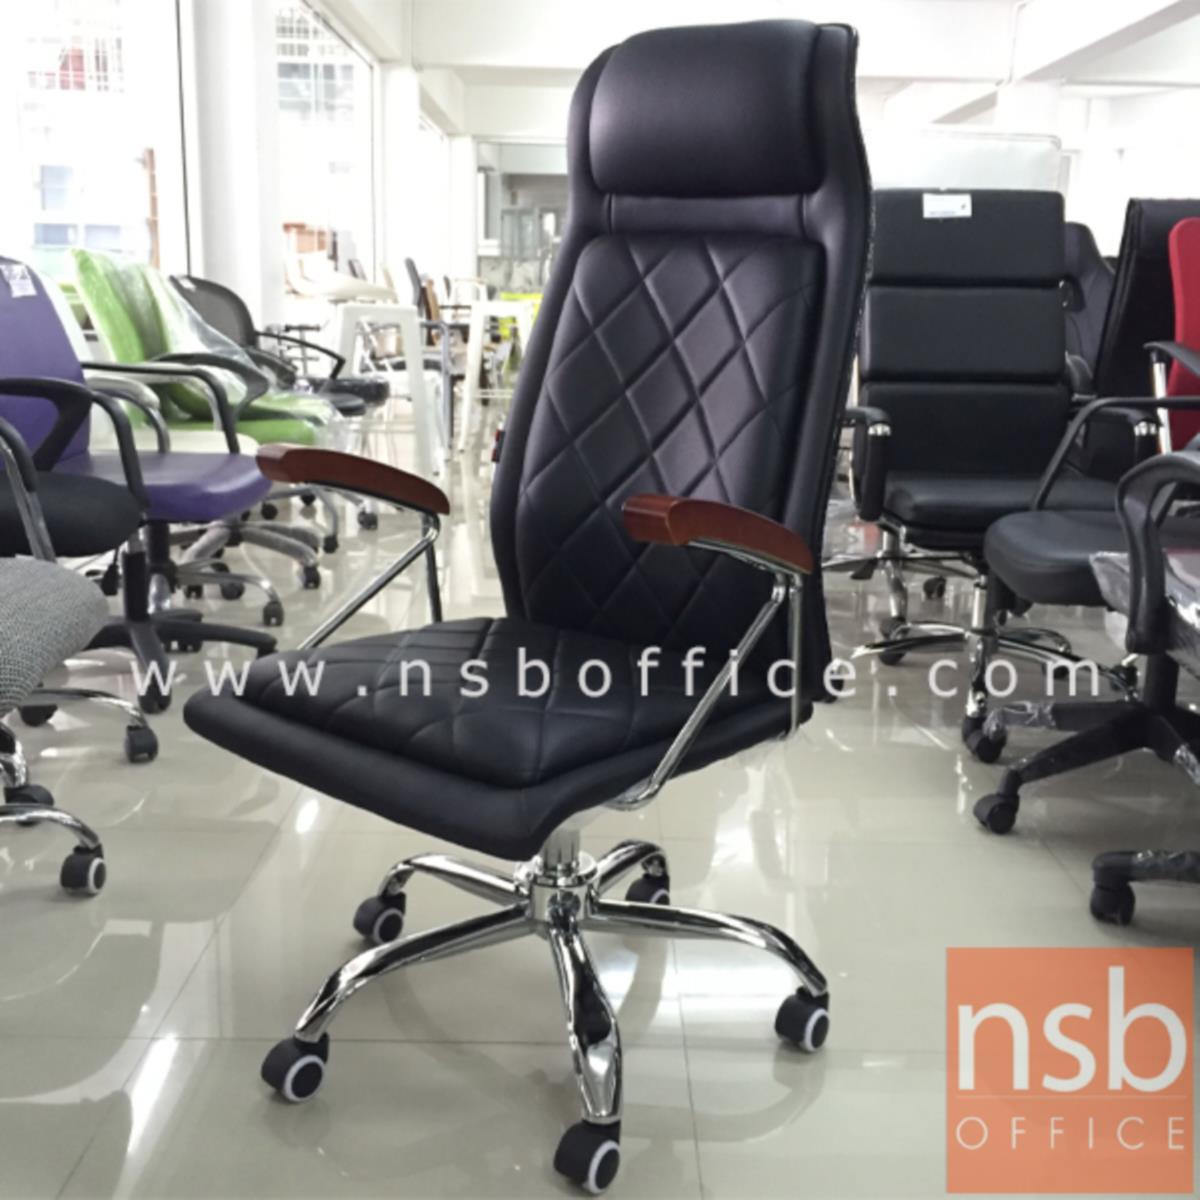 เก้าอี้ผู้บริหาร รุ่น Bellamy (เบลลามี)  โช๊คแก๊ส ขาเหล็กชุบโครเมี่ยม